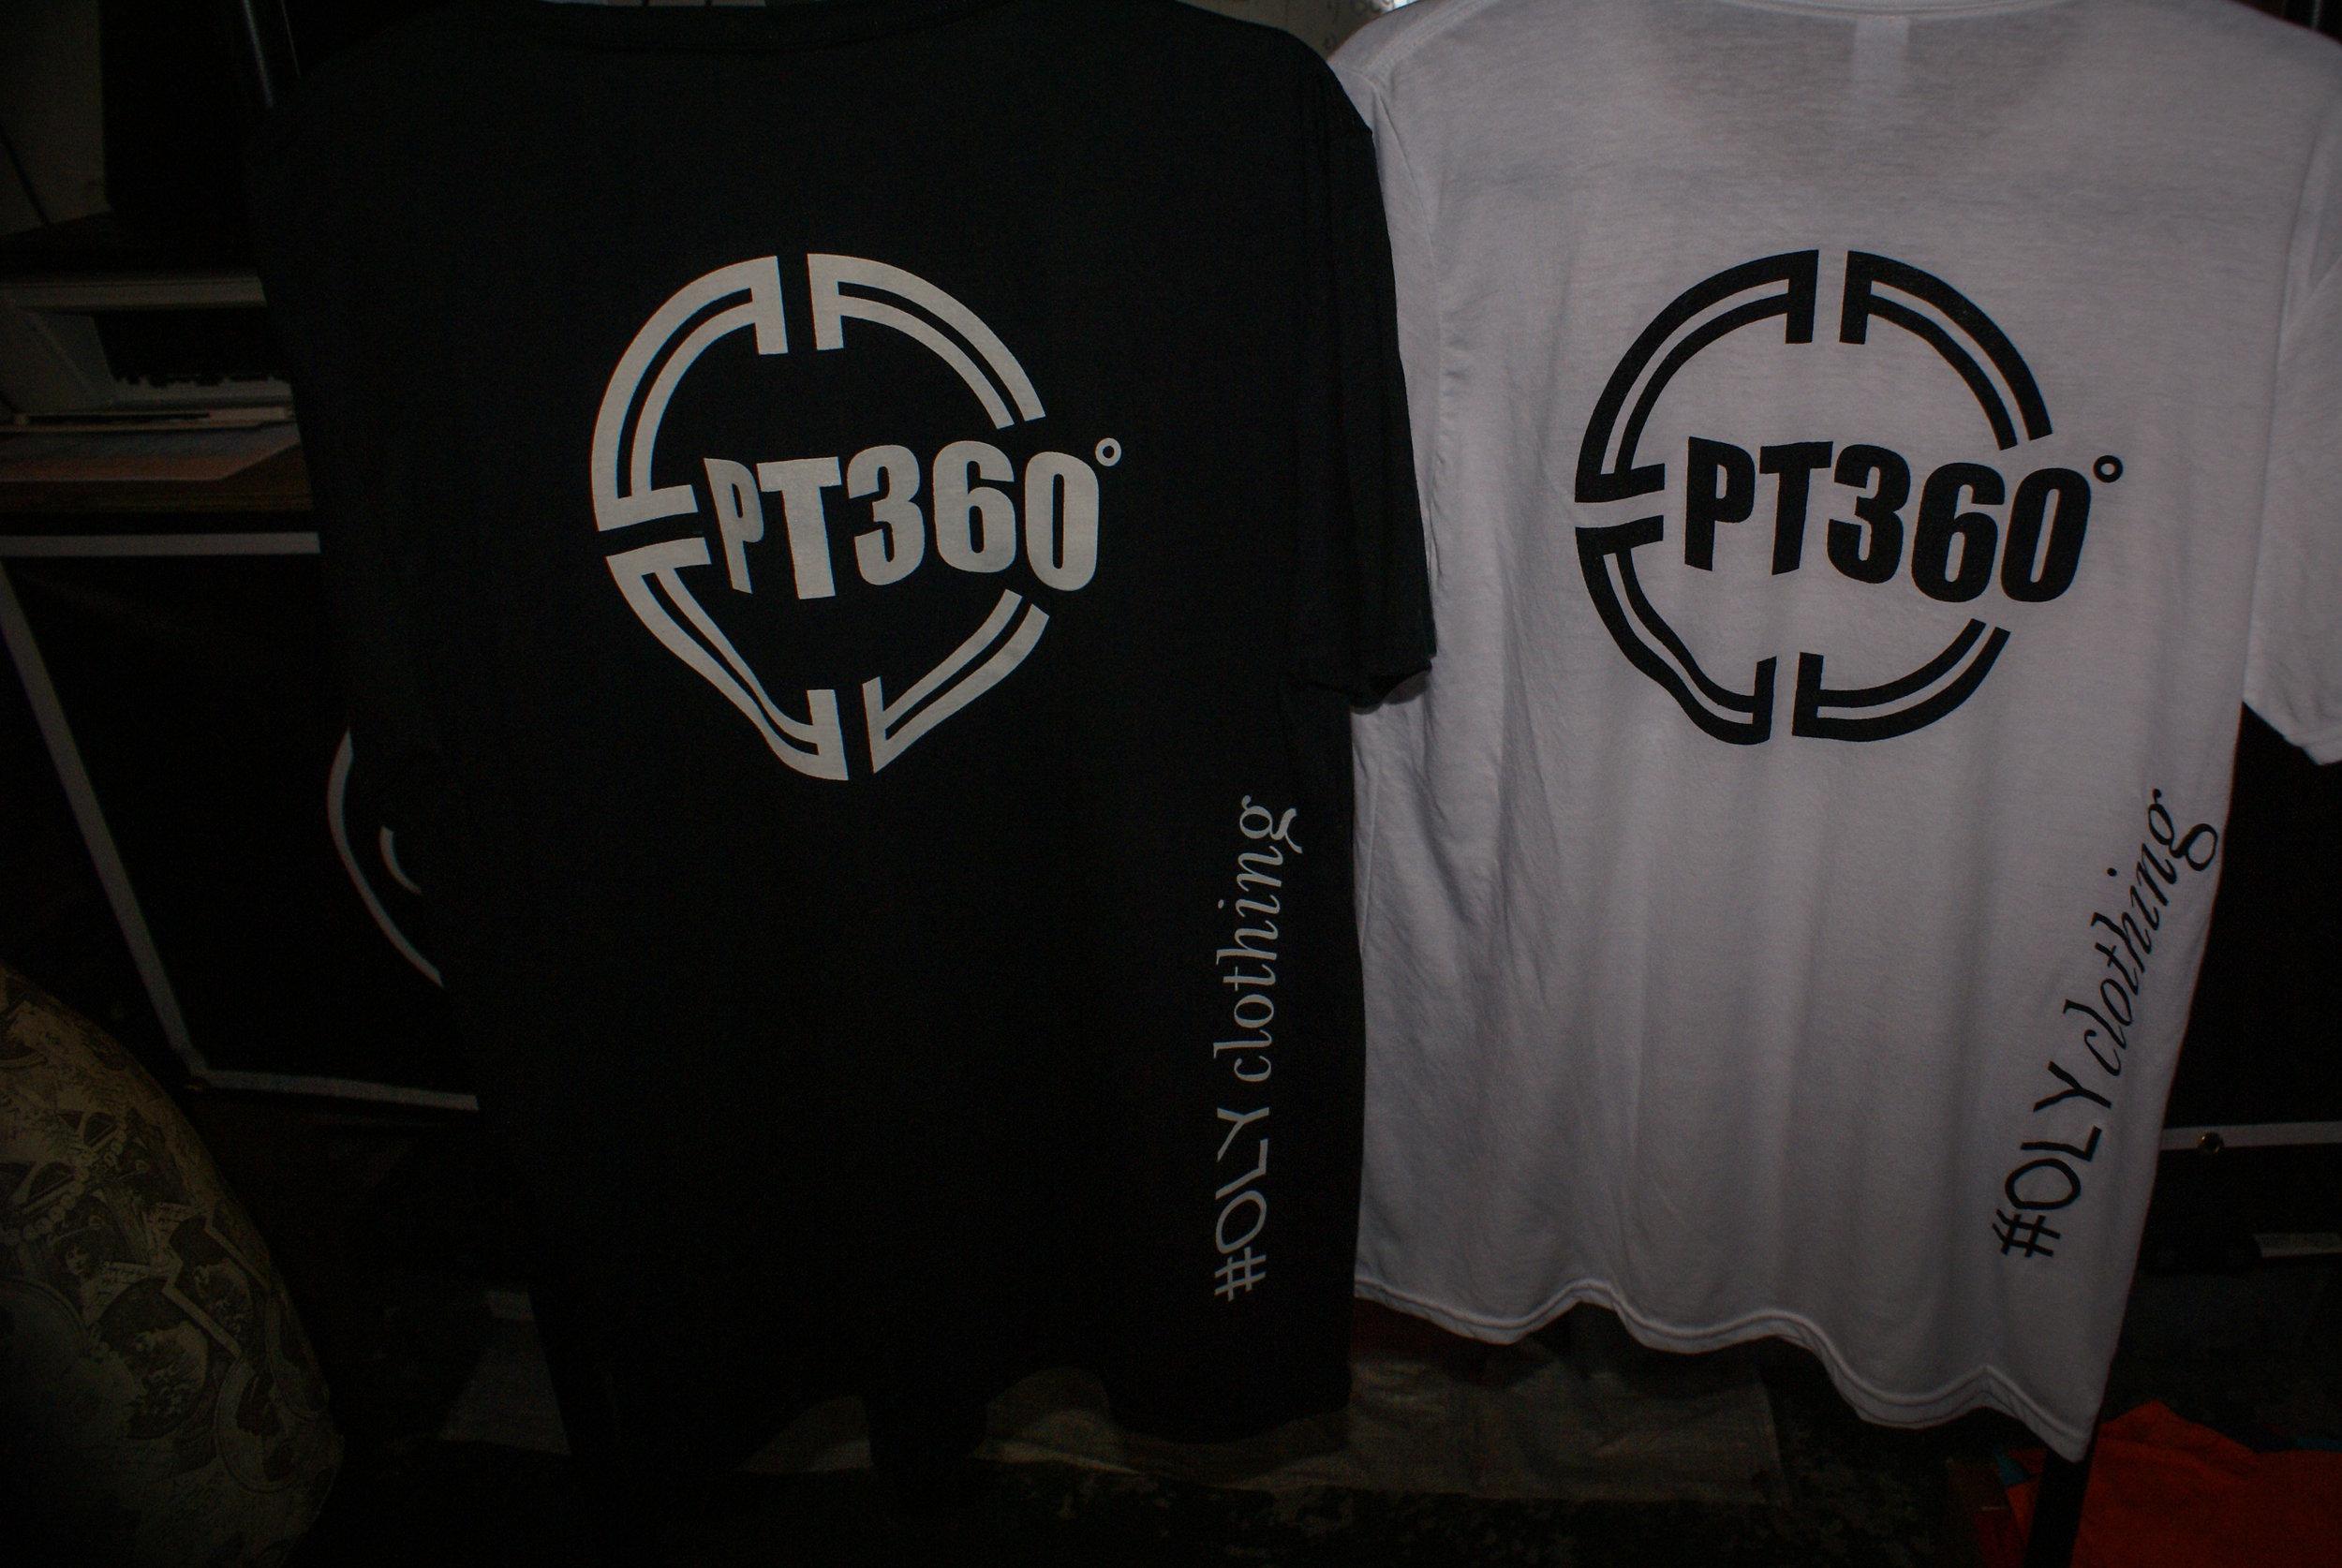 PT360-CA-LR-49.jpg